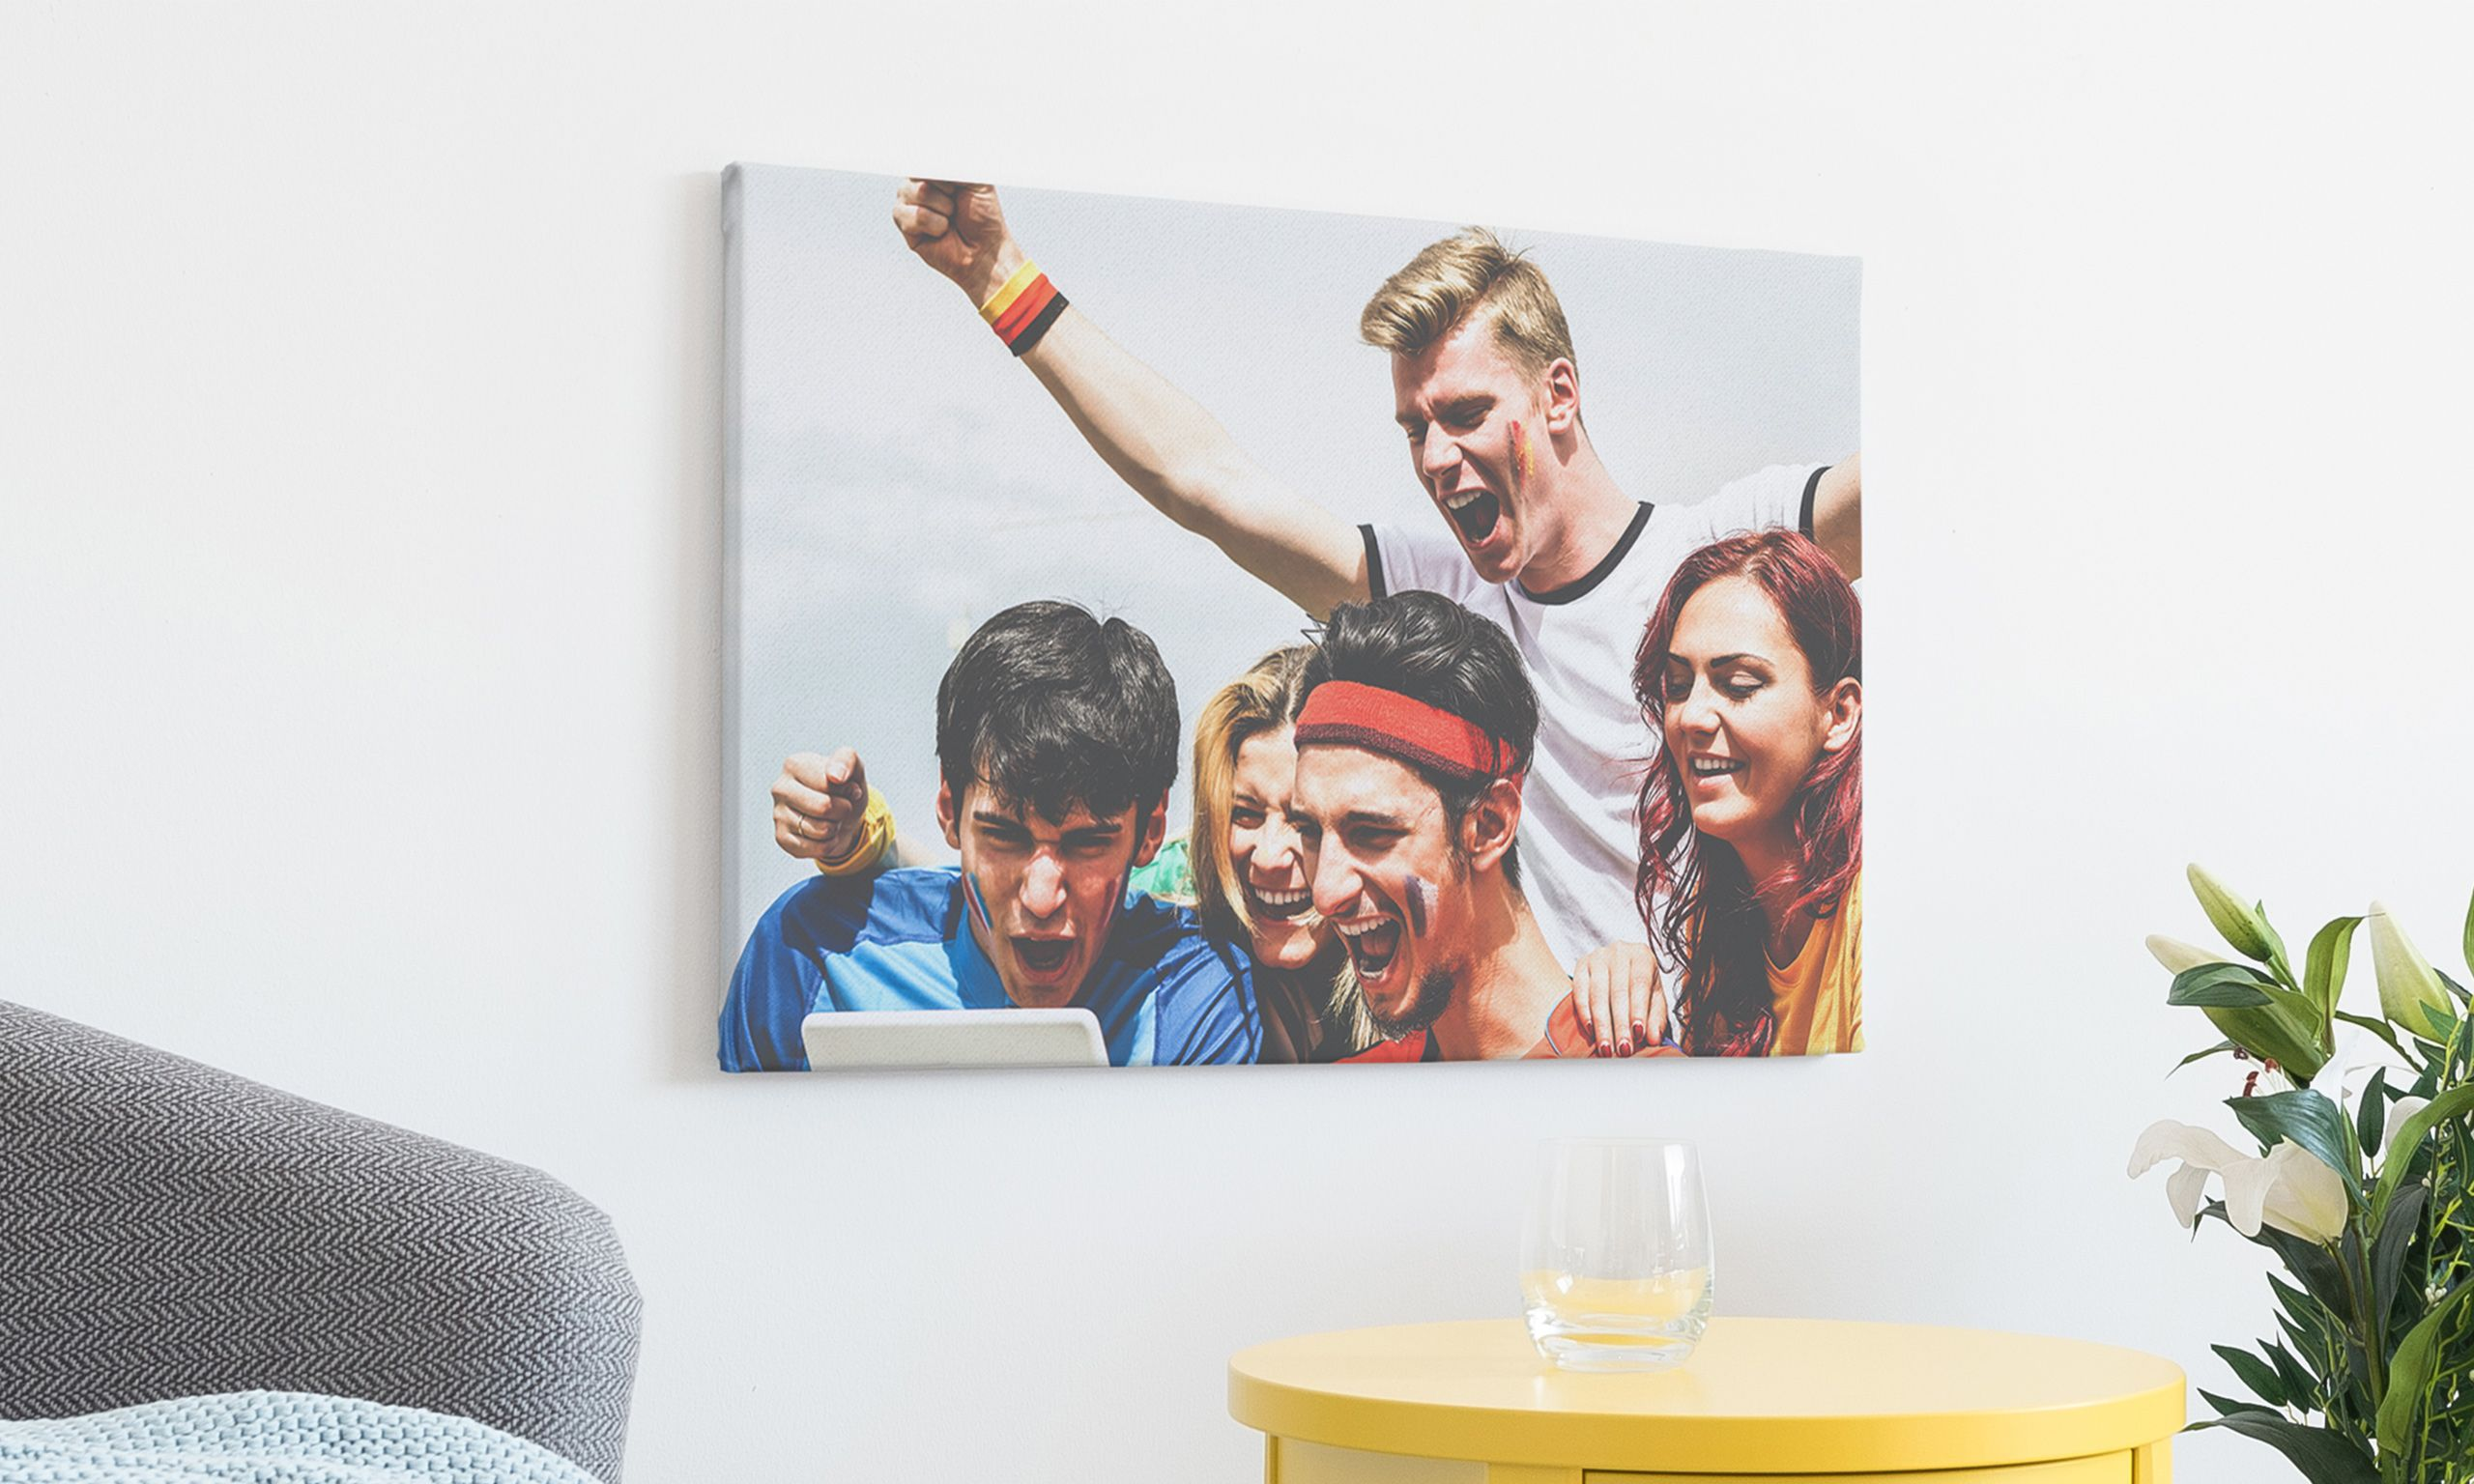 tolle ideen fur deine leinwand bei posterxxl kannst du bilder ganz einfach und kreativ gestalten als ge foto auf drucken fotoleinwand bild bunt großformat